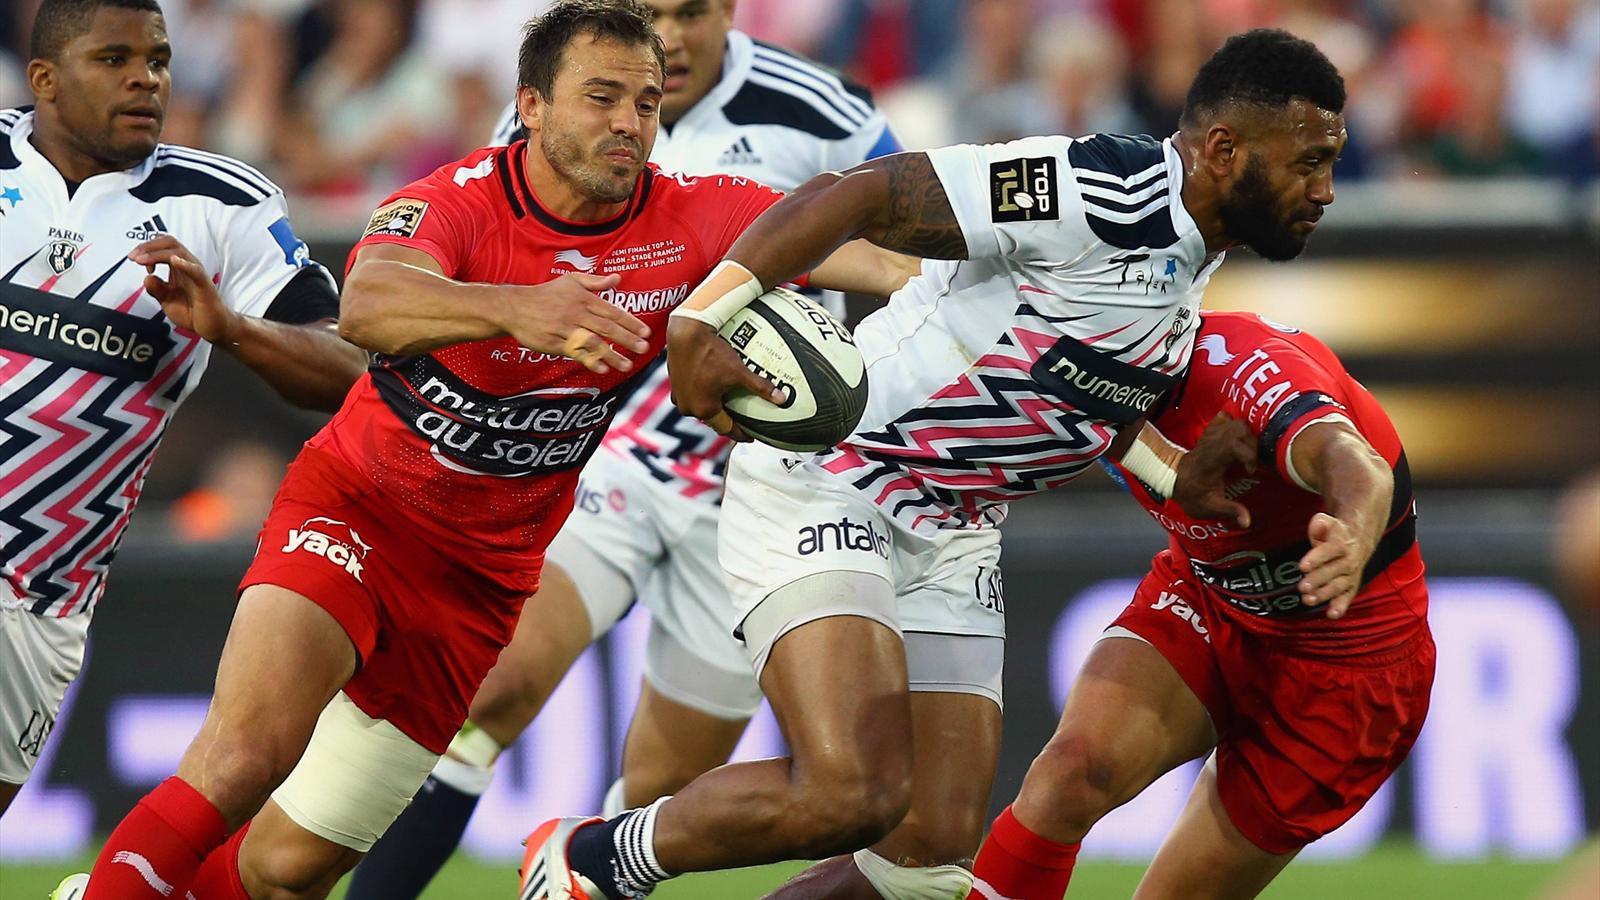 Le centre parisien Waisea tente d'échapper à Juan Martin Hernandez (Toulon)